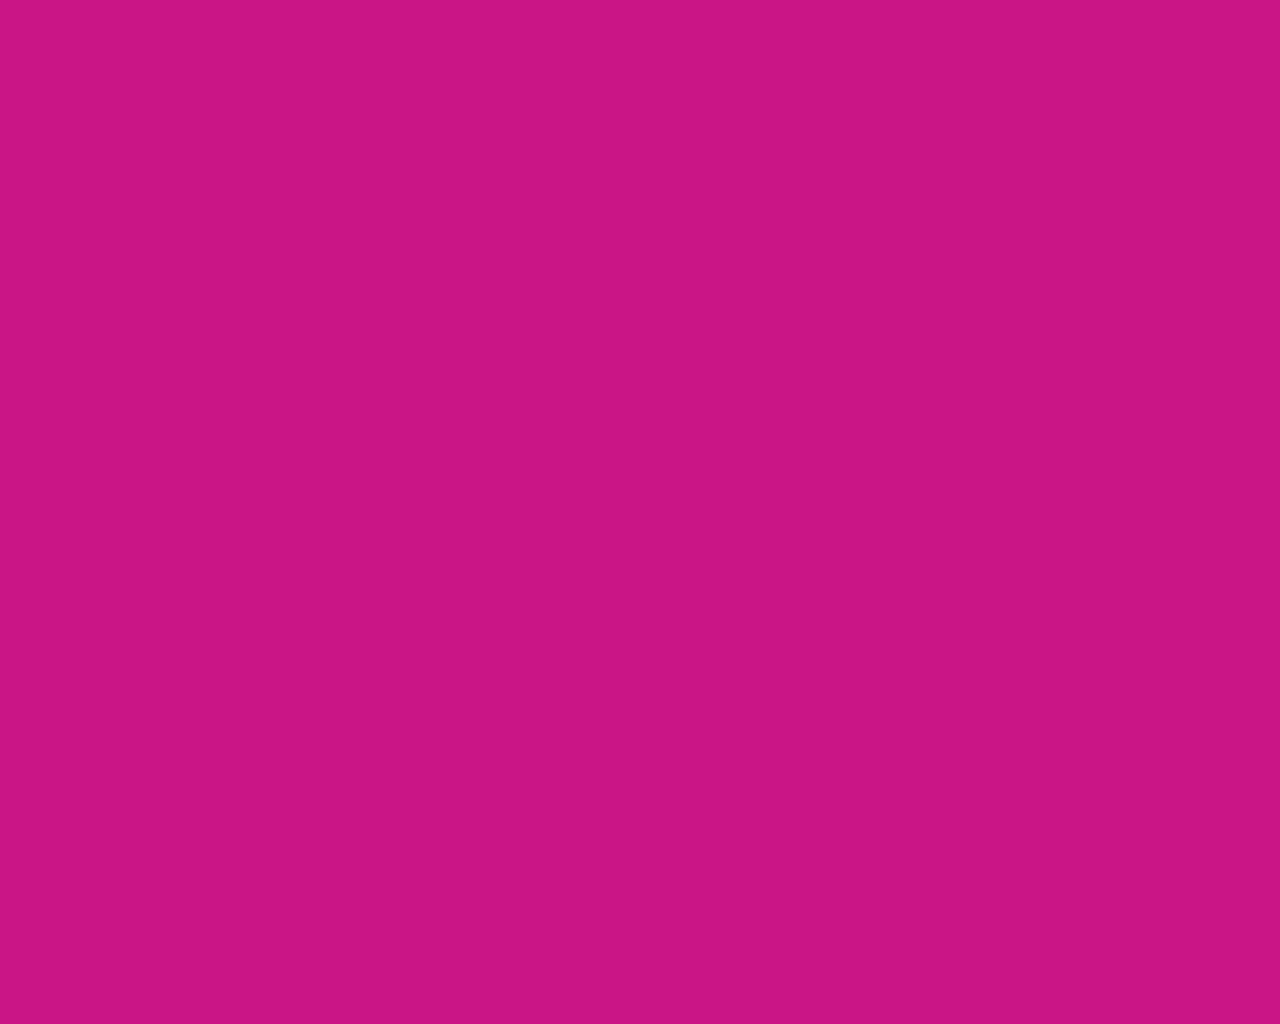 1280x1024 Medium Violet-red Solid Color Background